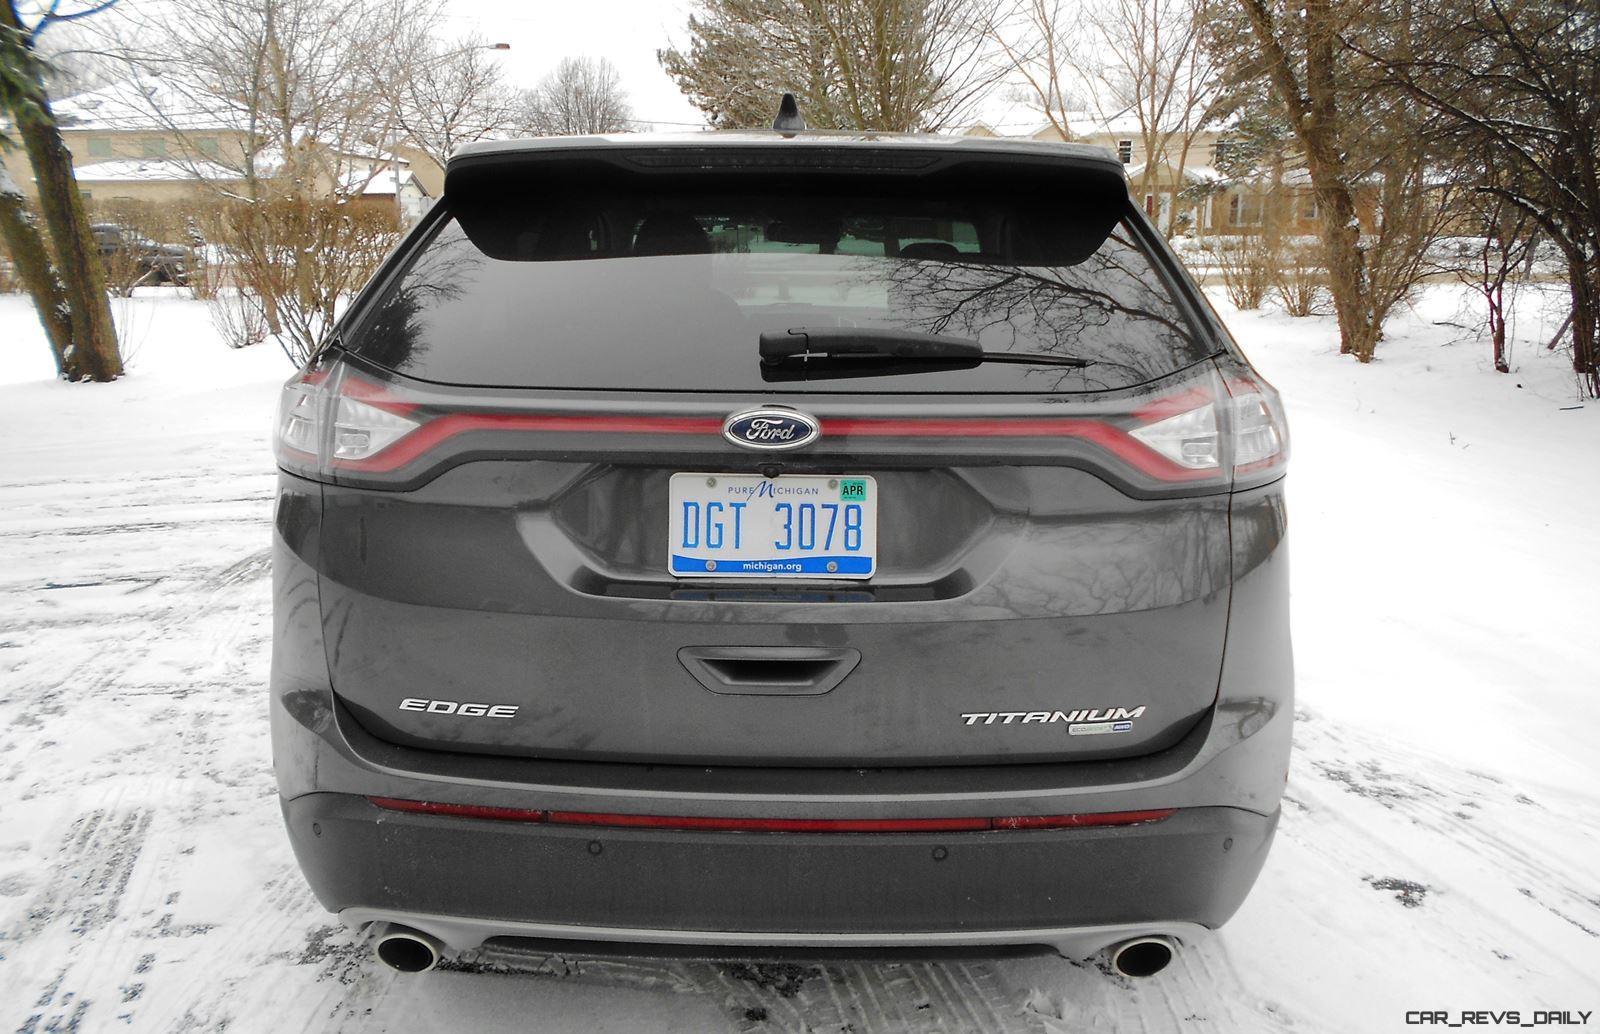 Ford Edge Awd >> 2016 Ford Edge Awd Titanium 12